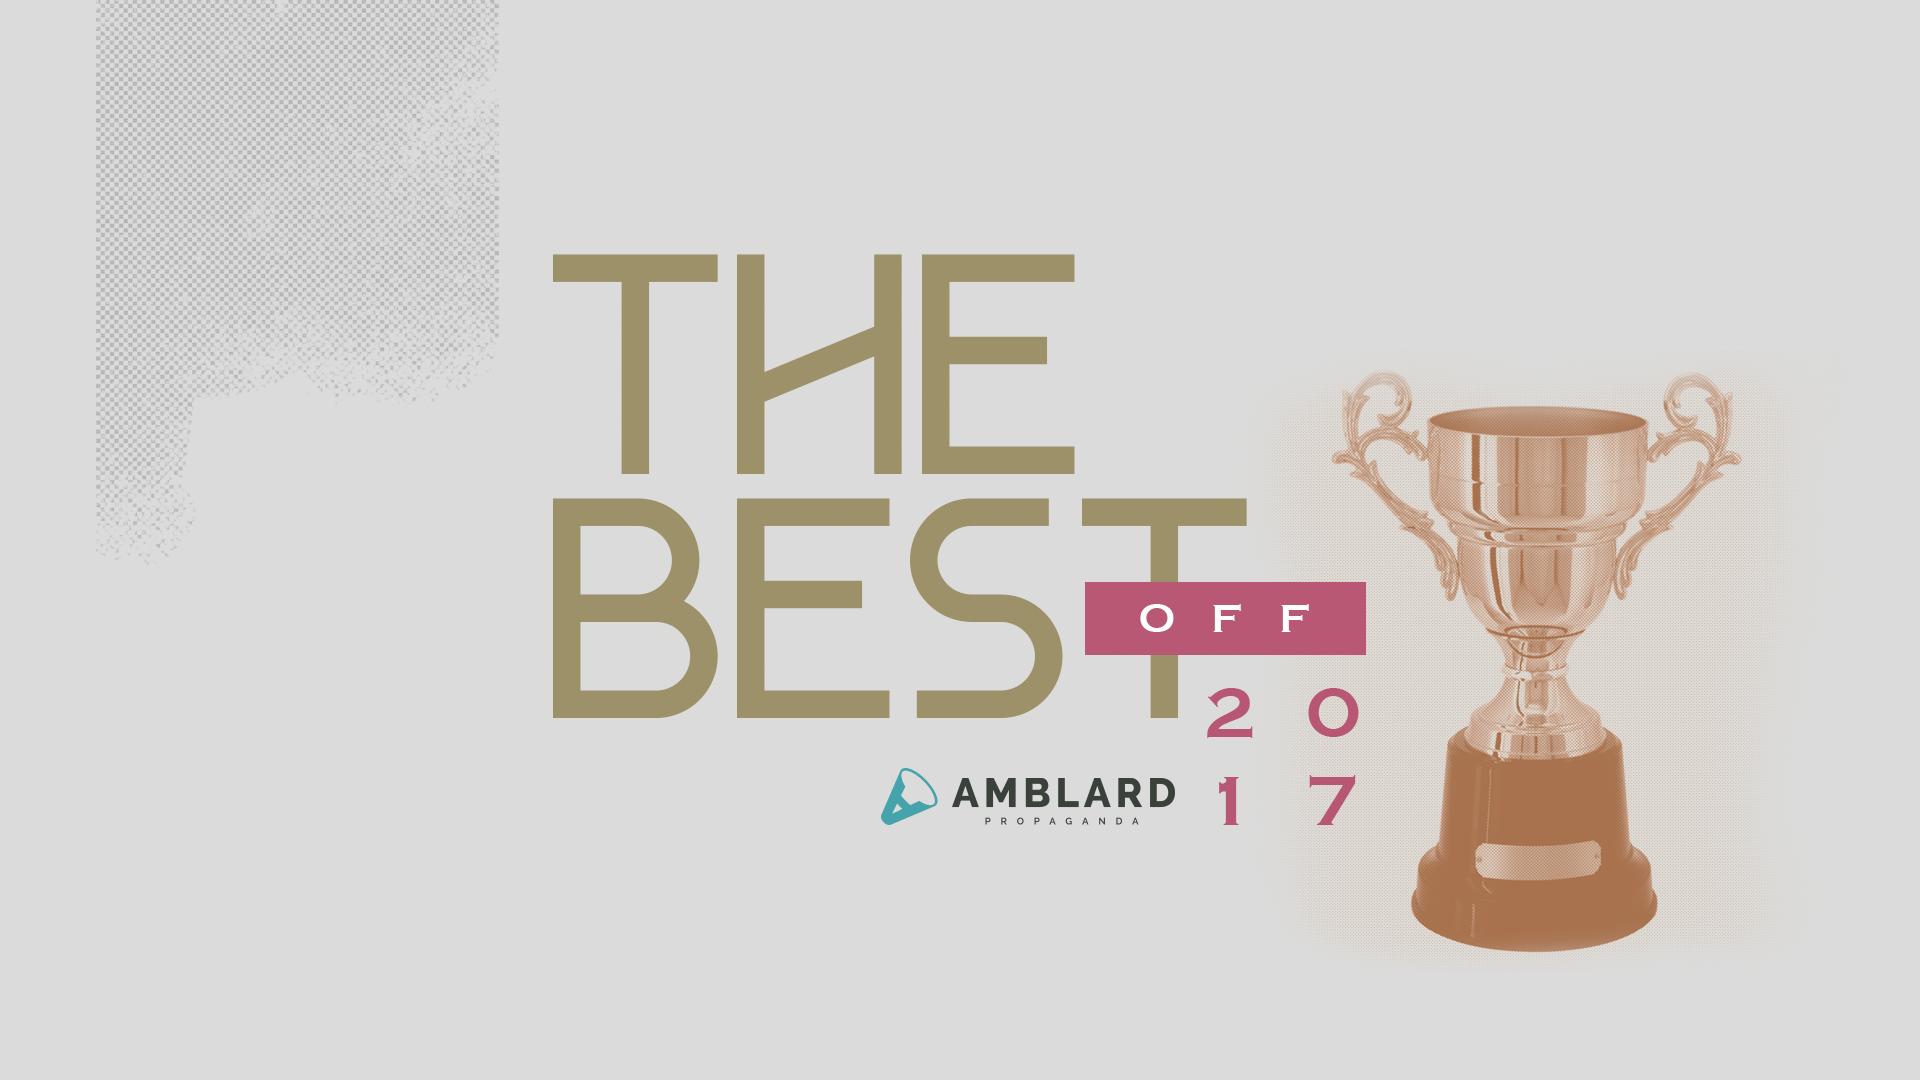 Na imagem, um troféu com as melhores campanhas da amblard, referência ao vídeo The best of 2017.